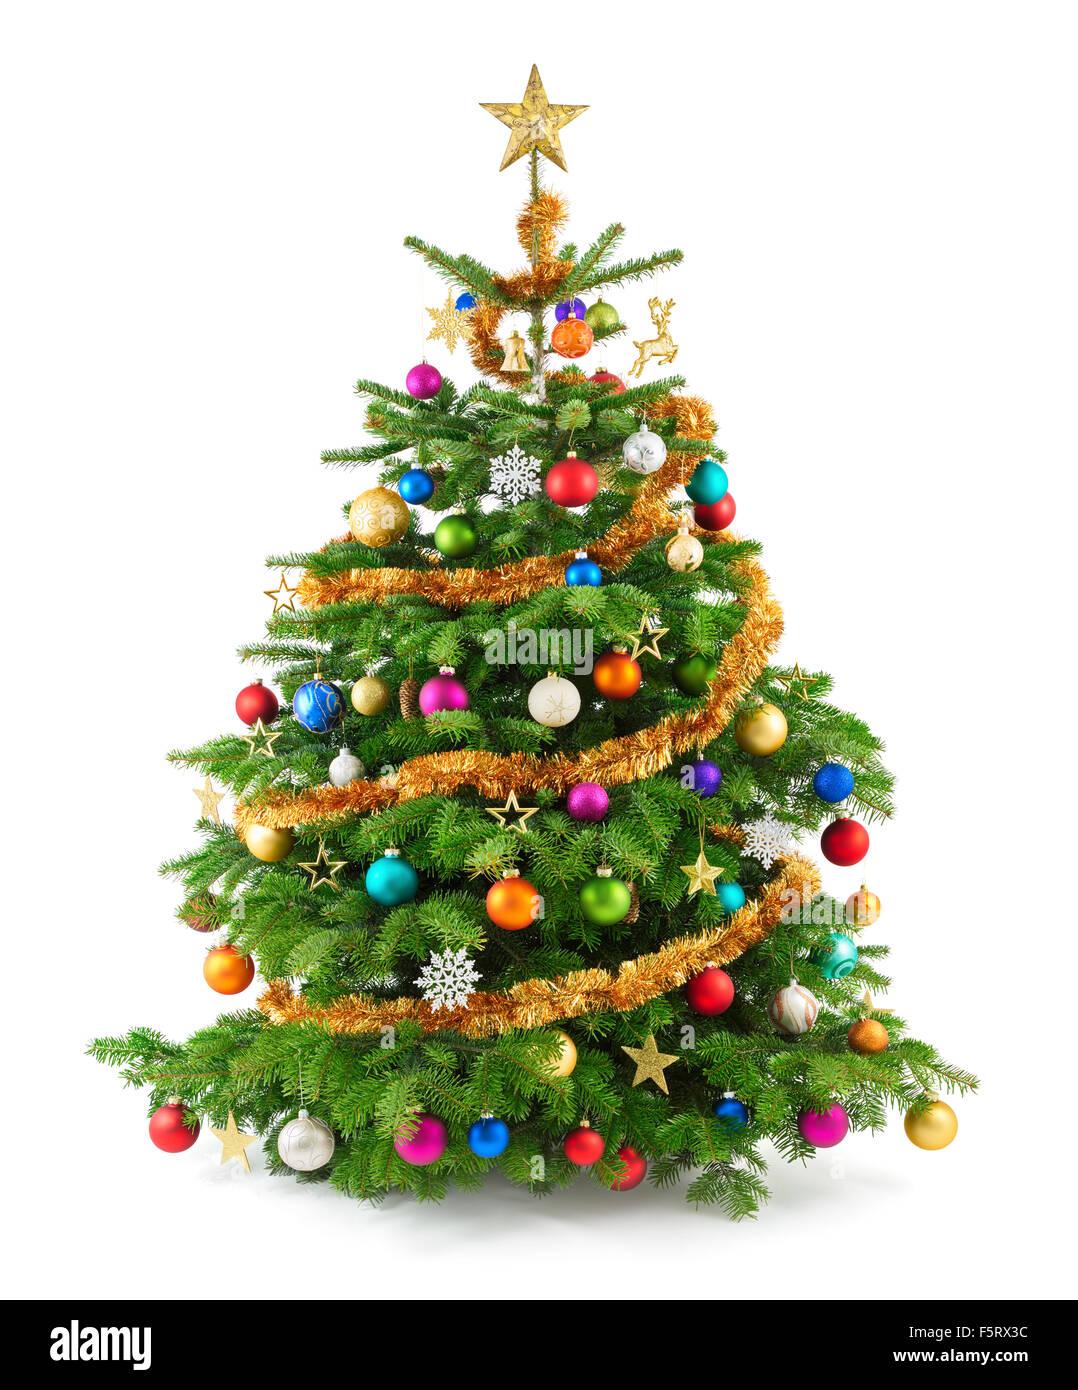 Foto Di Un Albero Di Natale.Gioiosa Studio Shot Di Un Albero Di Natale Con Ornamenti